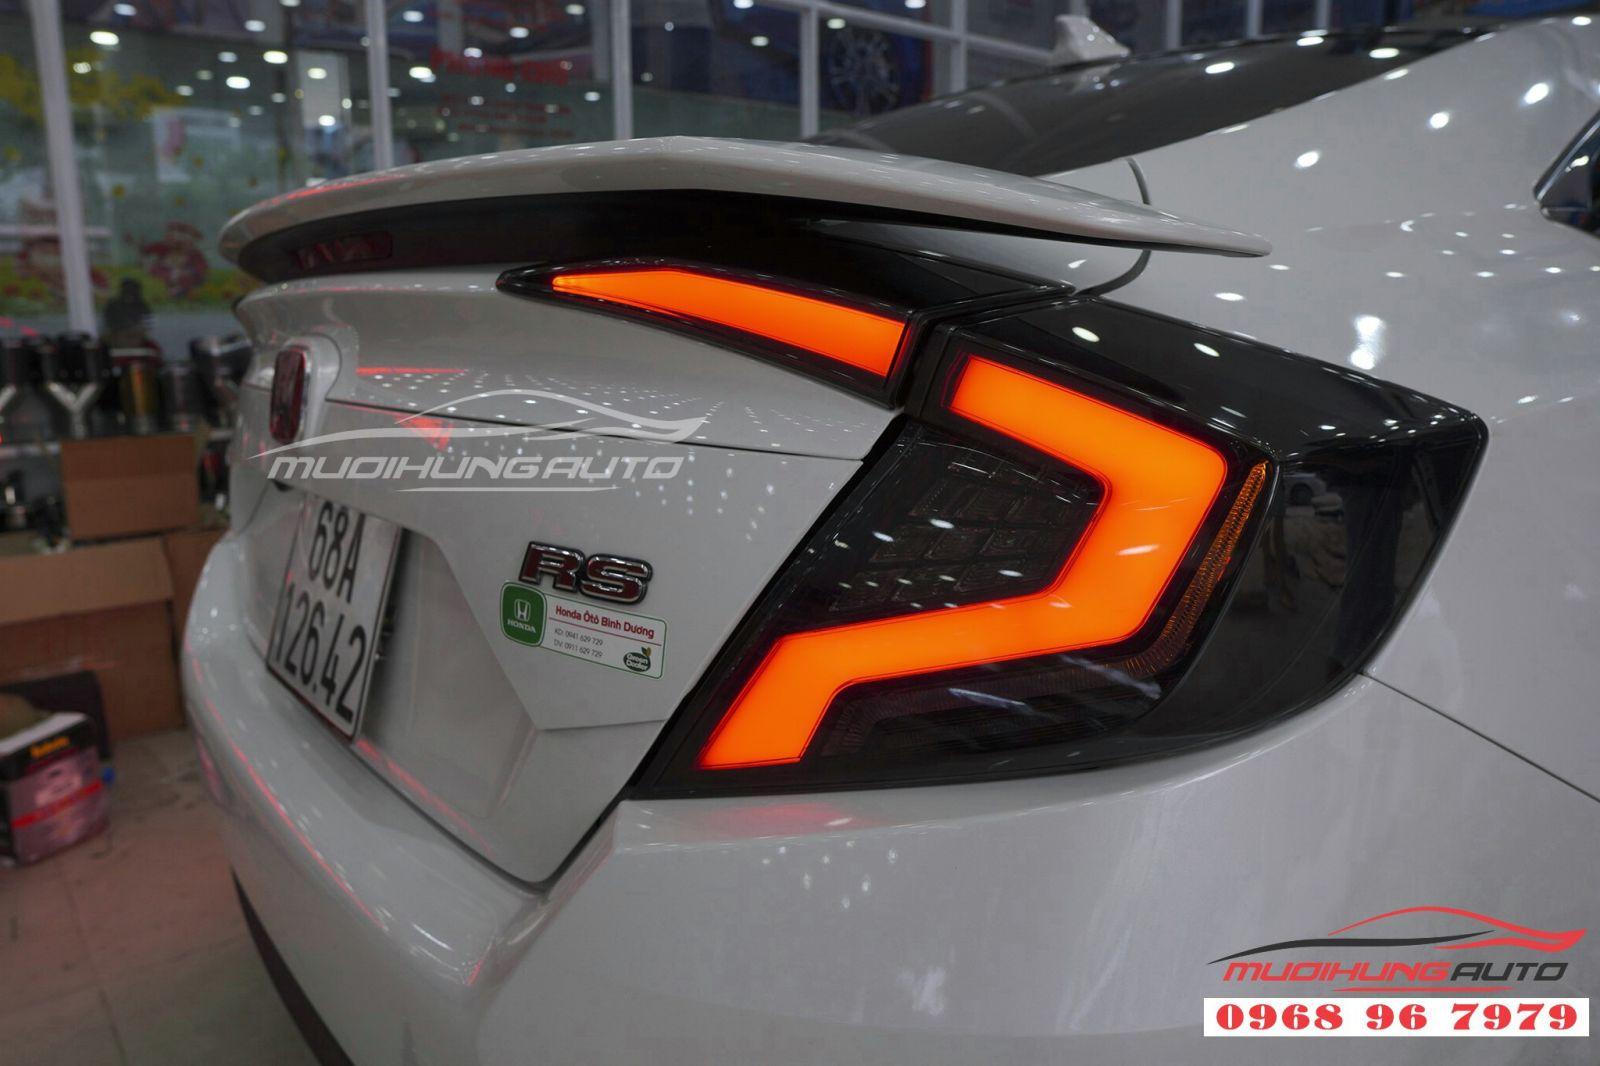 Thay cụm đèn hậu cho Honda Civic 03